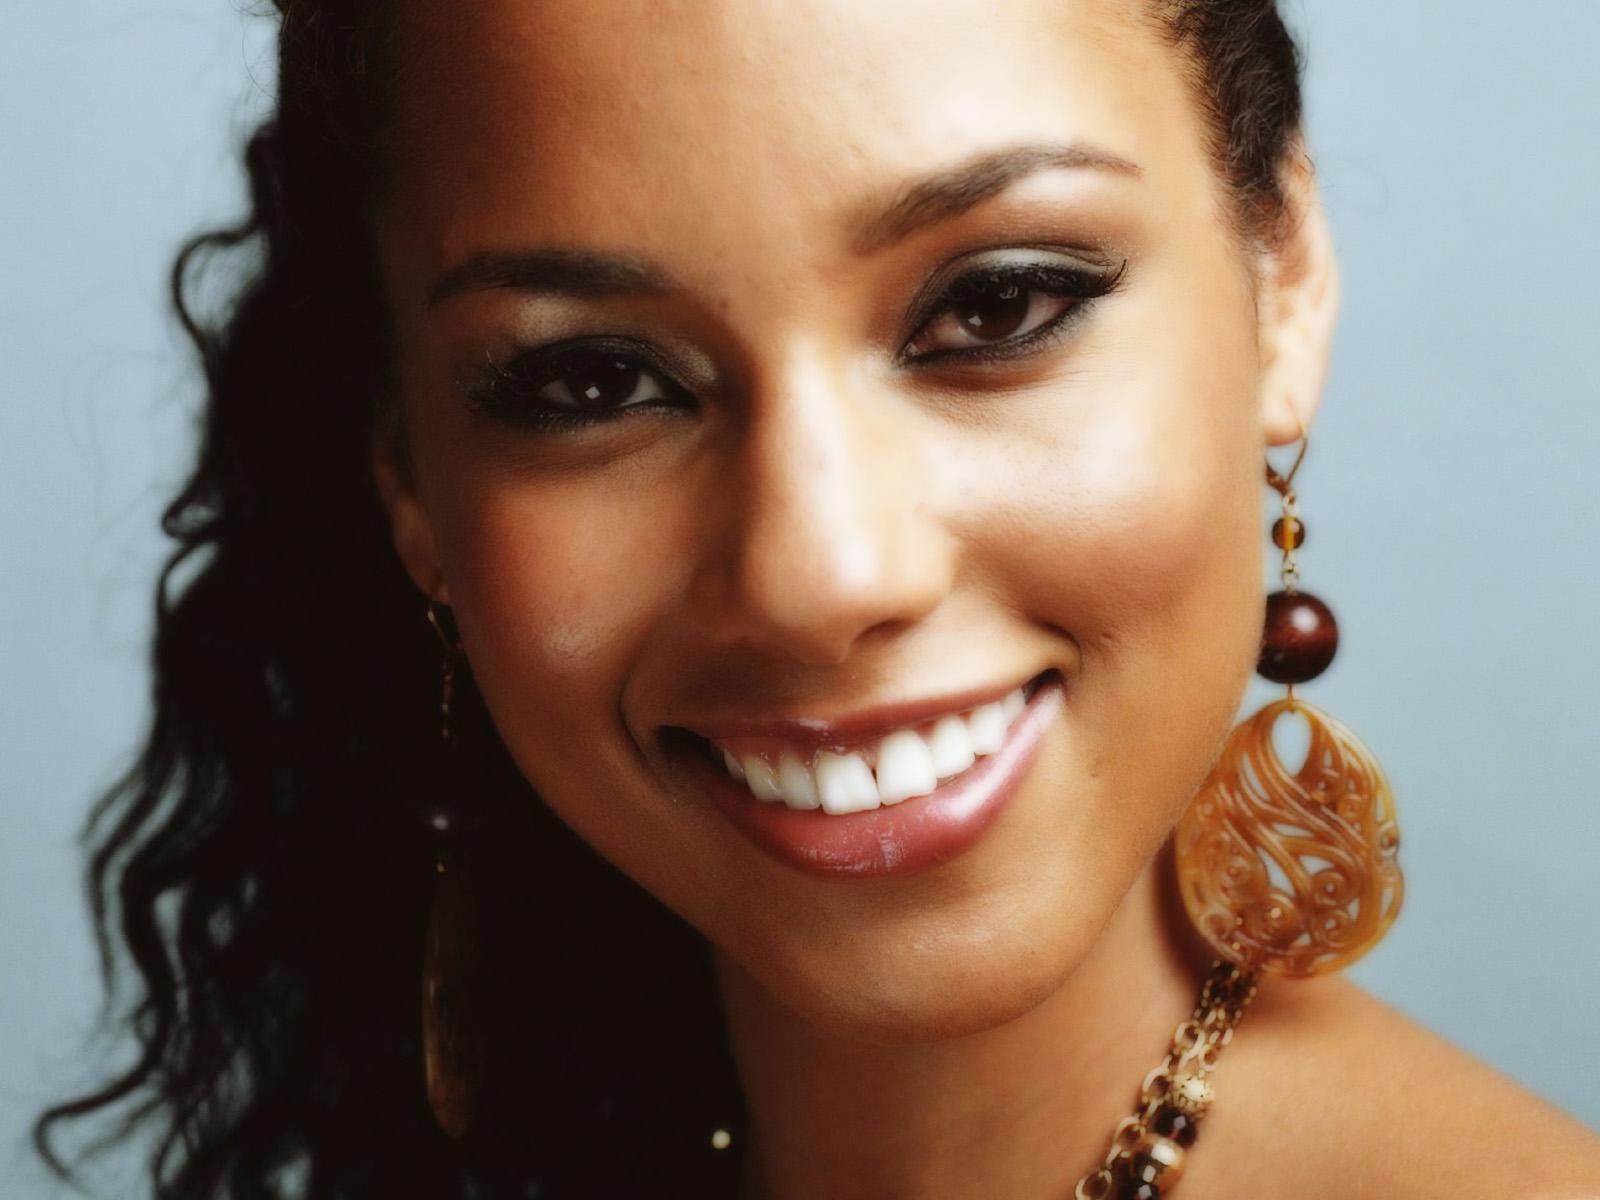 actress alicia keys smiles - photo #10